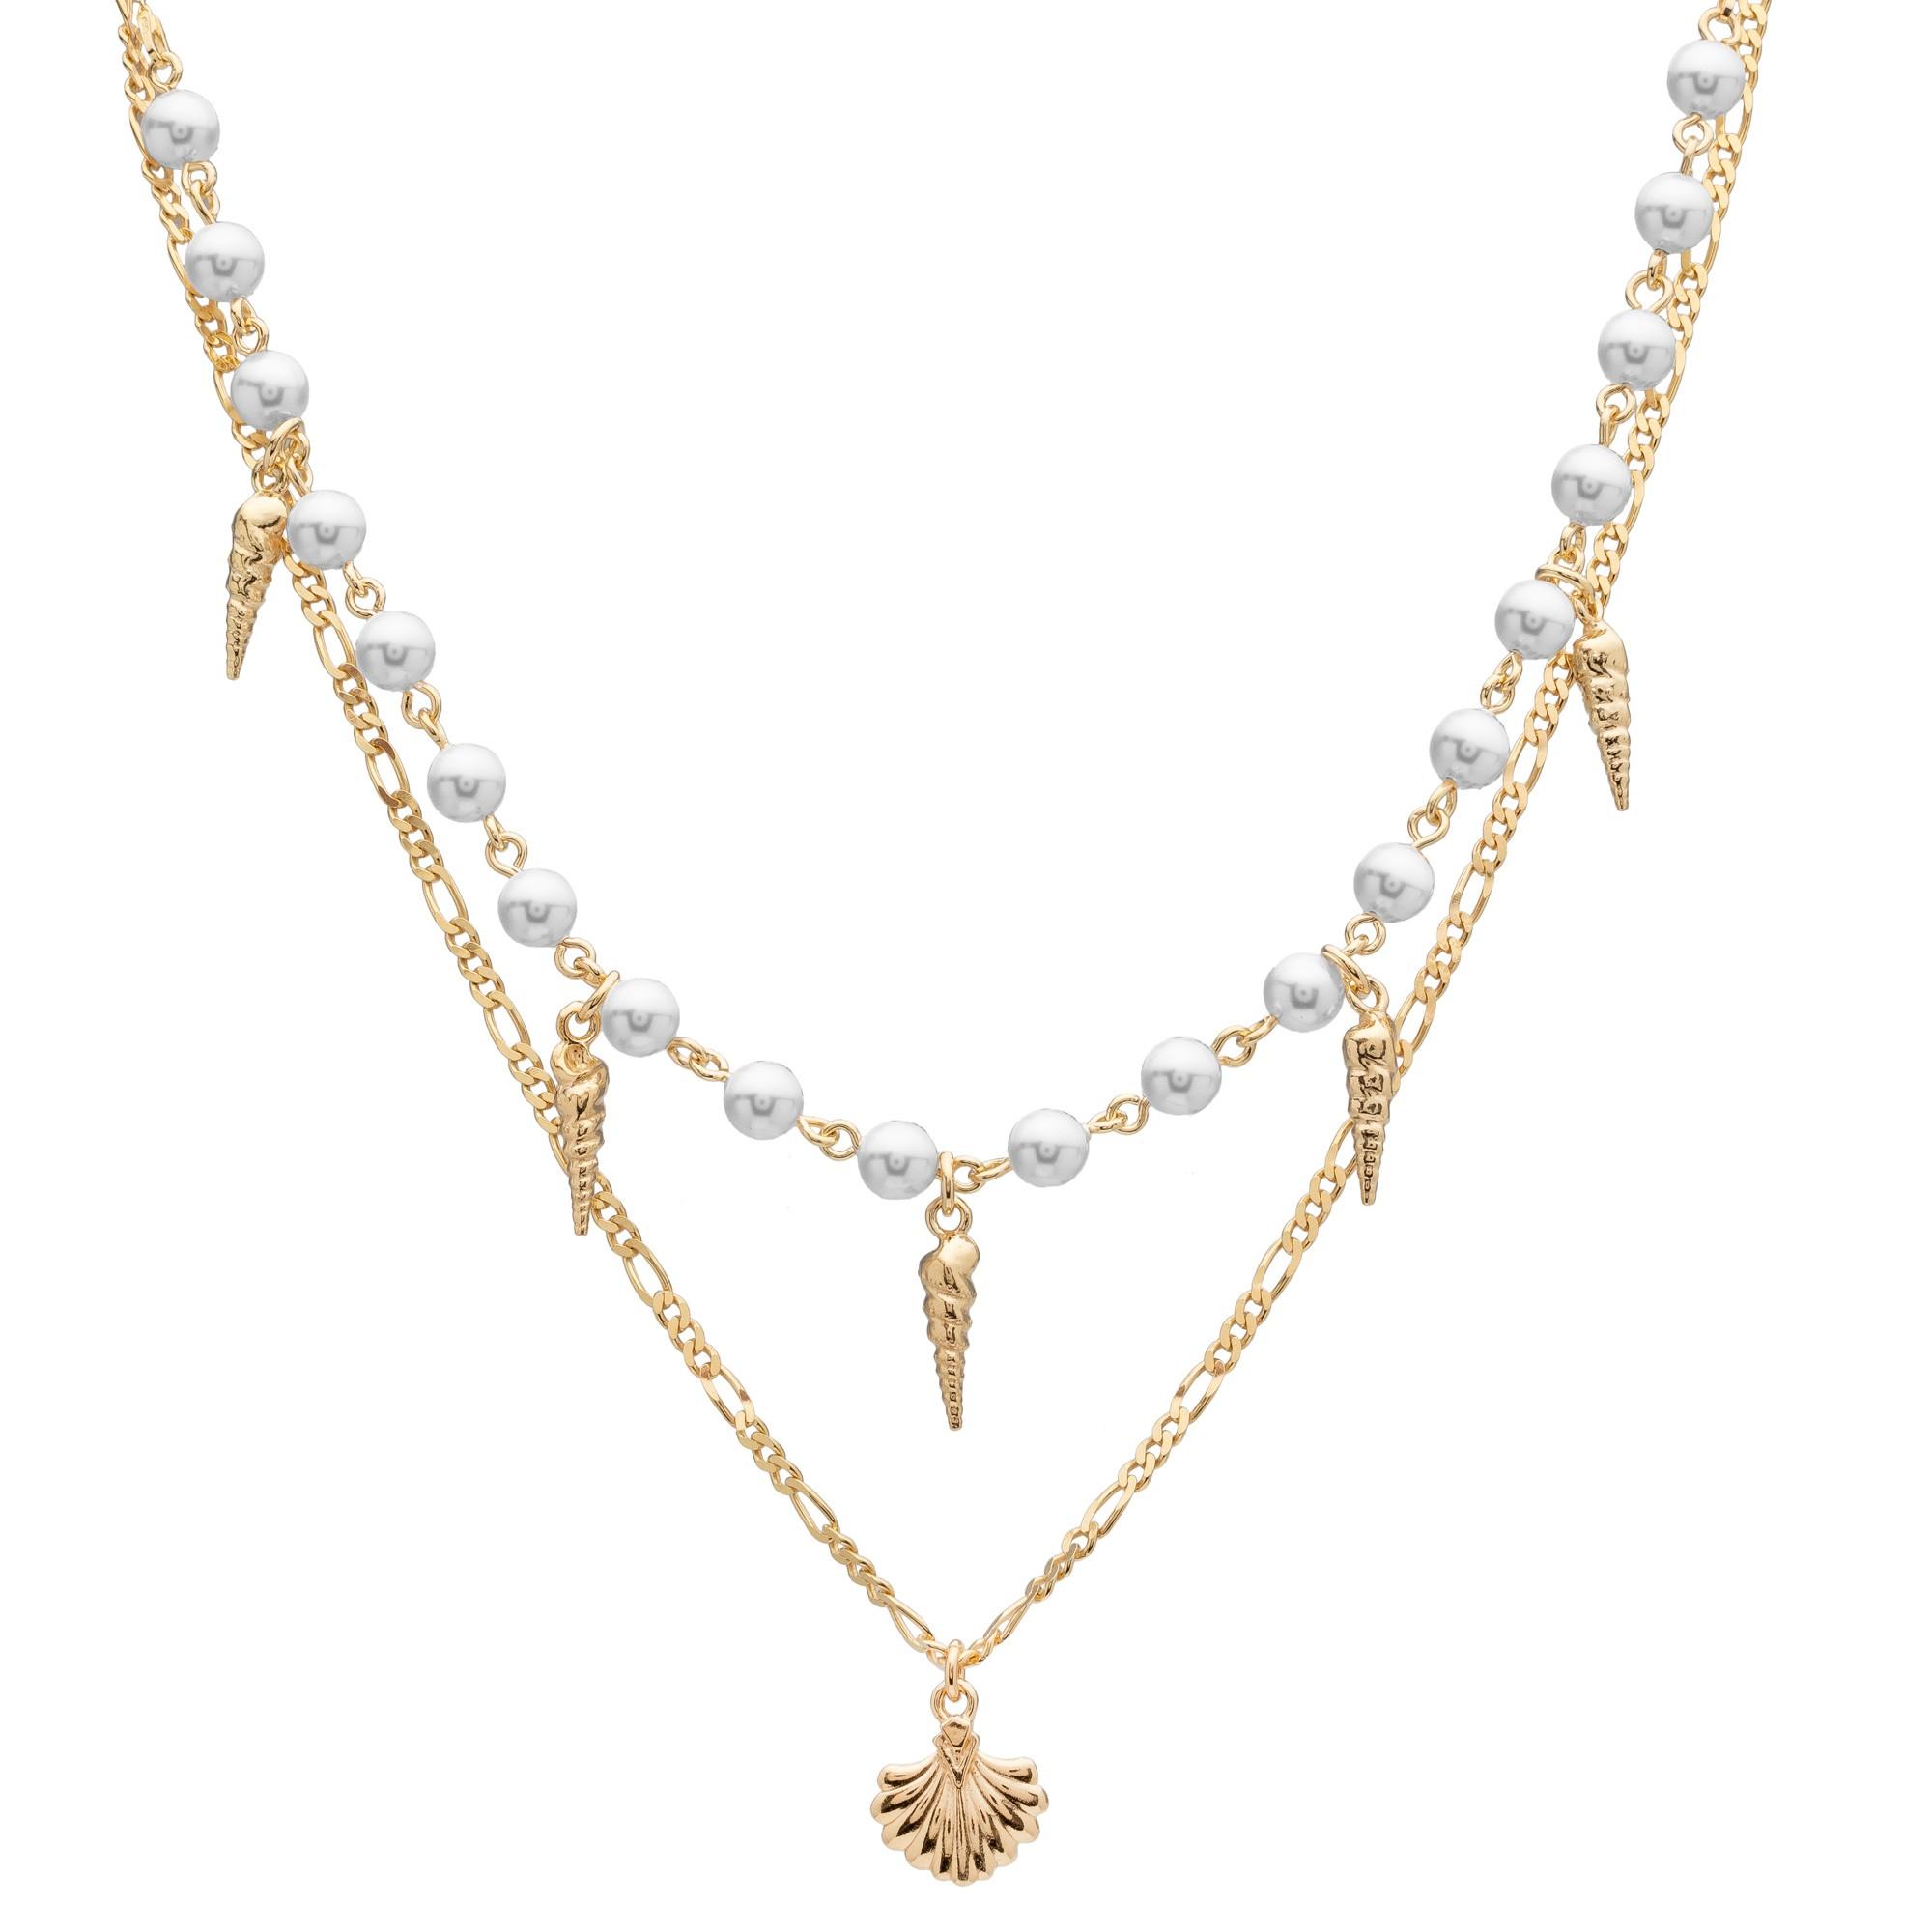 Perłowy naszyjnik z muszelkami, srebro 925